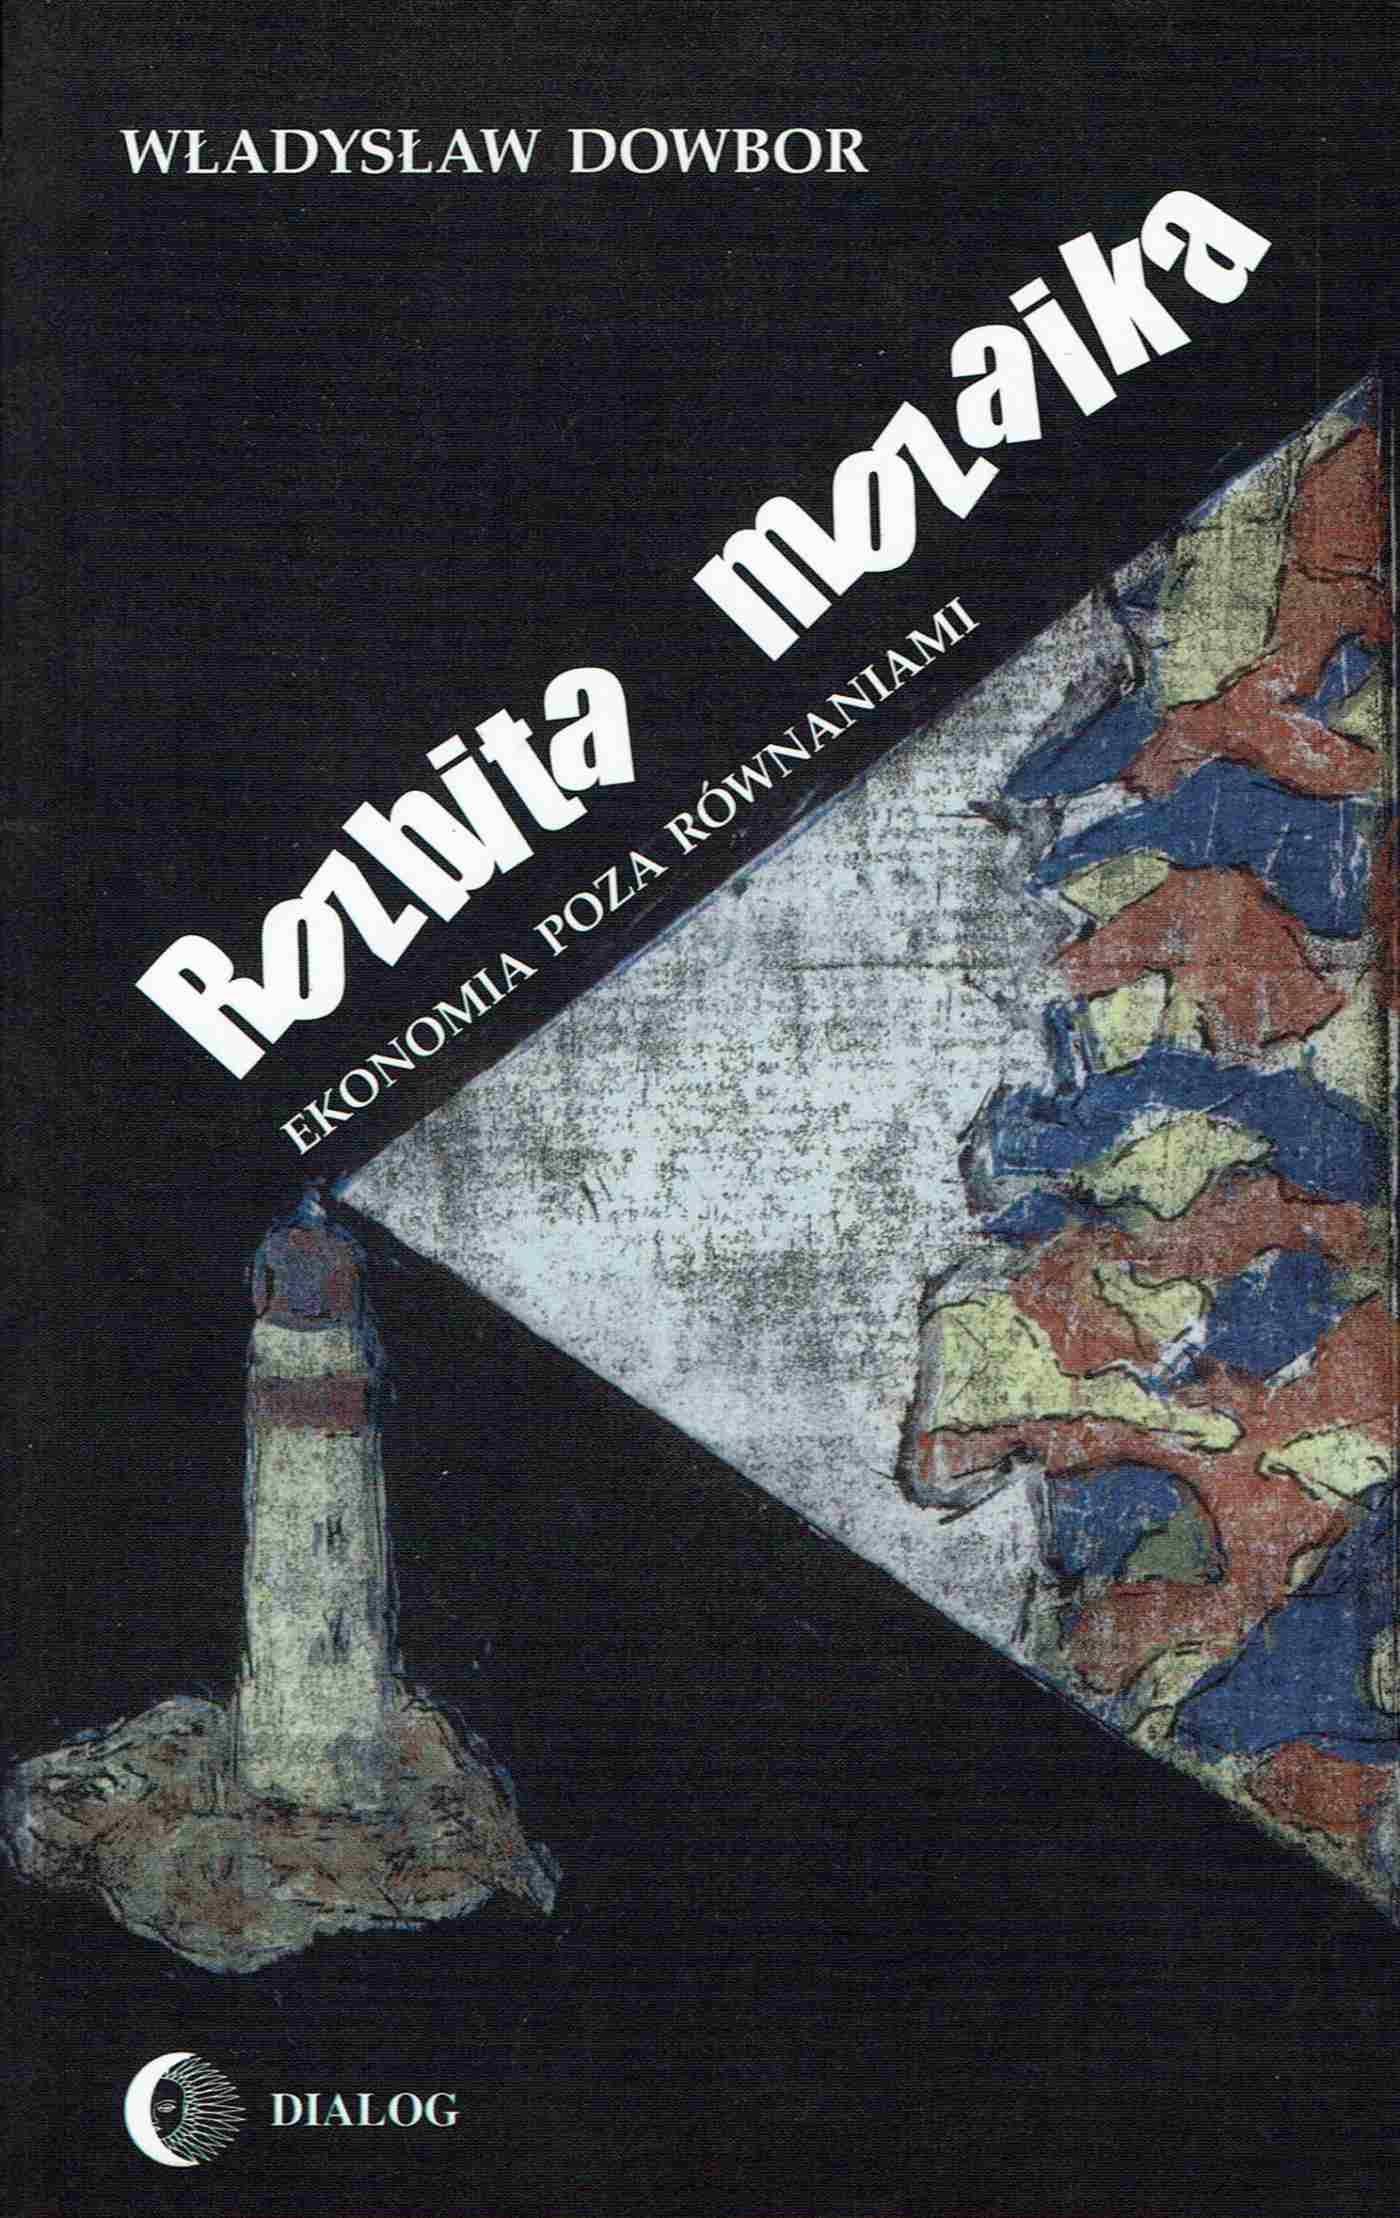 Rozbita mozaika. Ekonomia poza równaniami - Ebook (Książka na Kindle) do pobrania w formacie MOBI